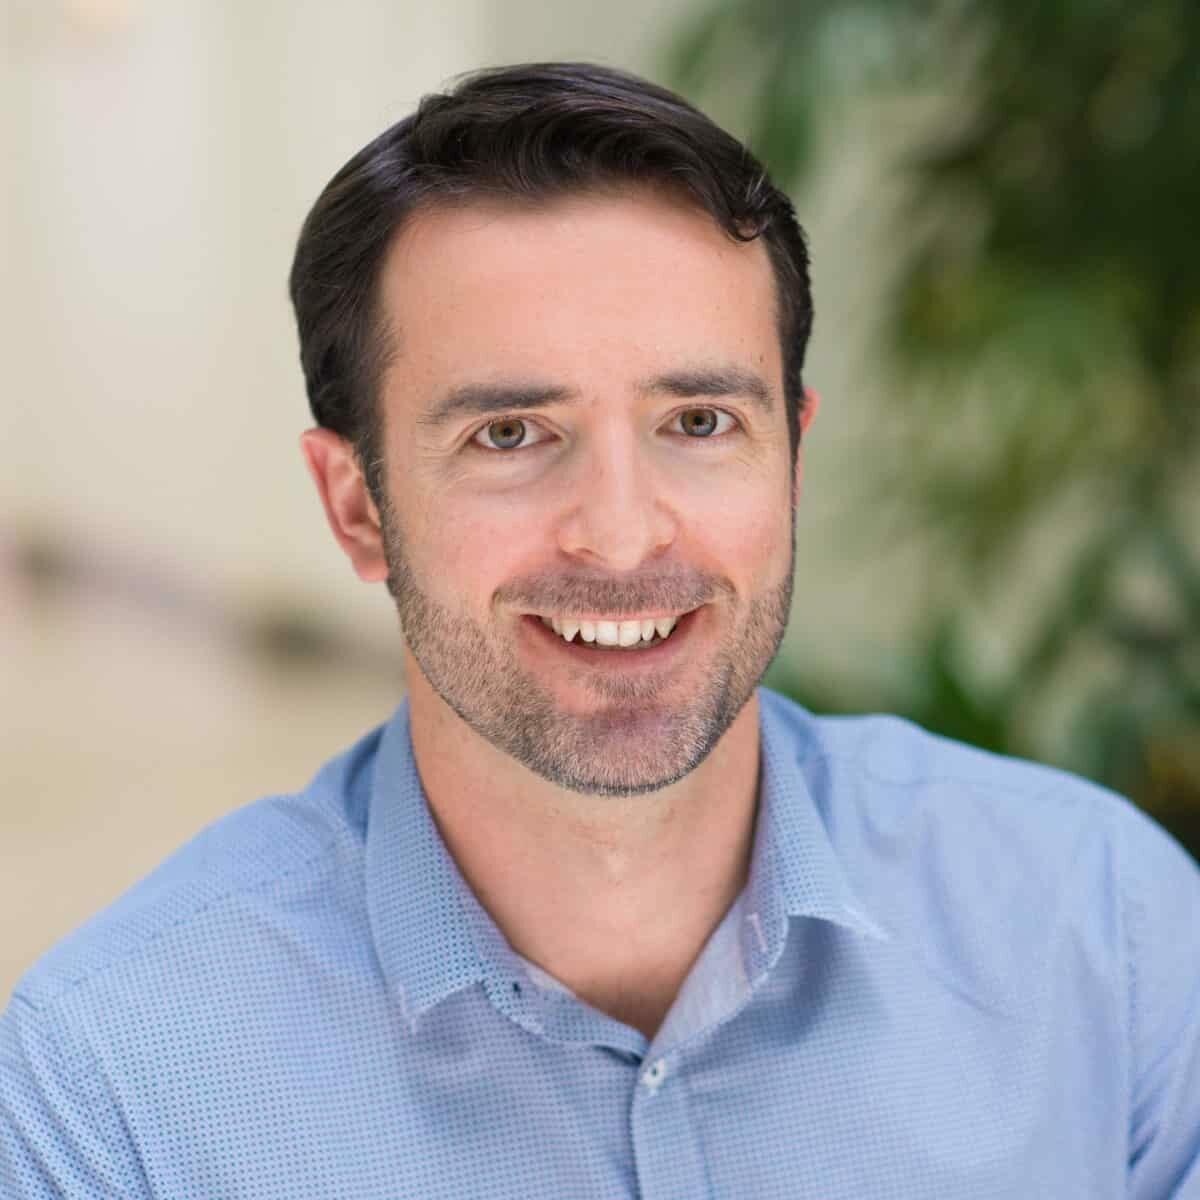 Grant Alderson